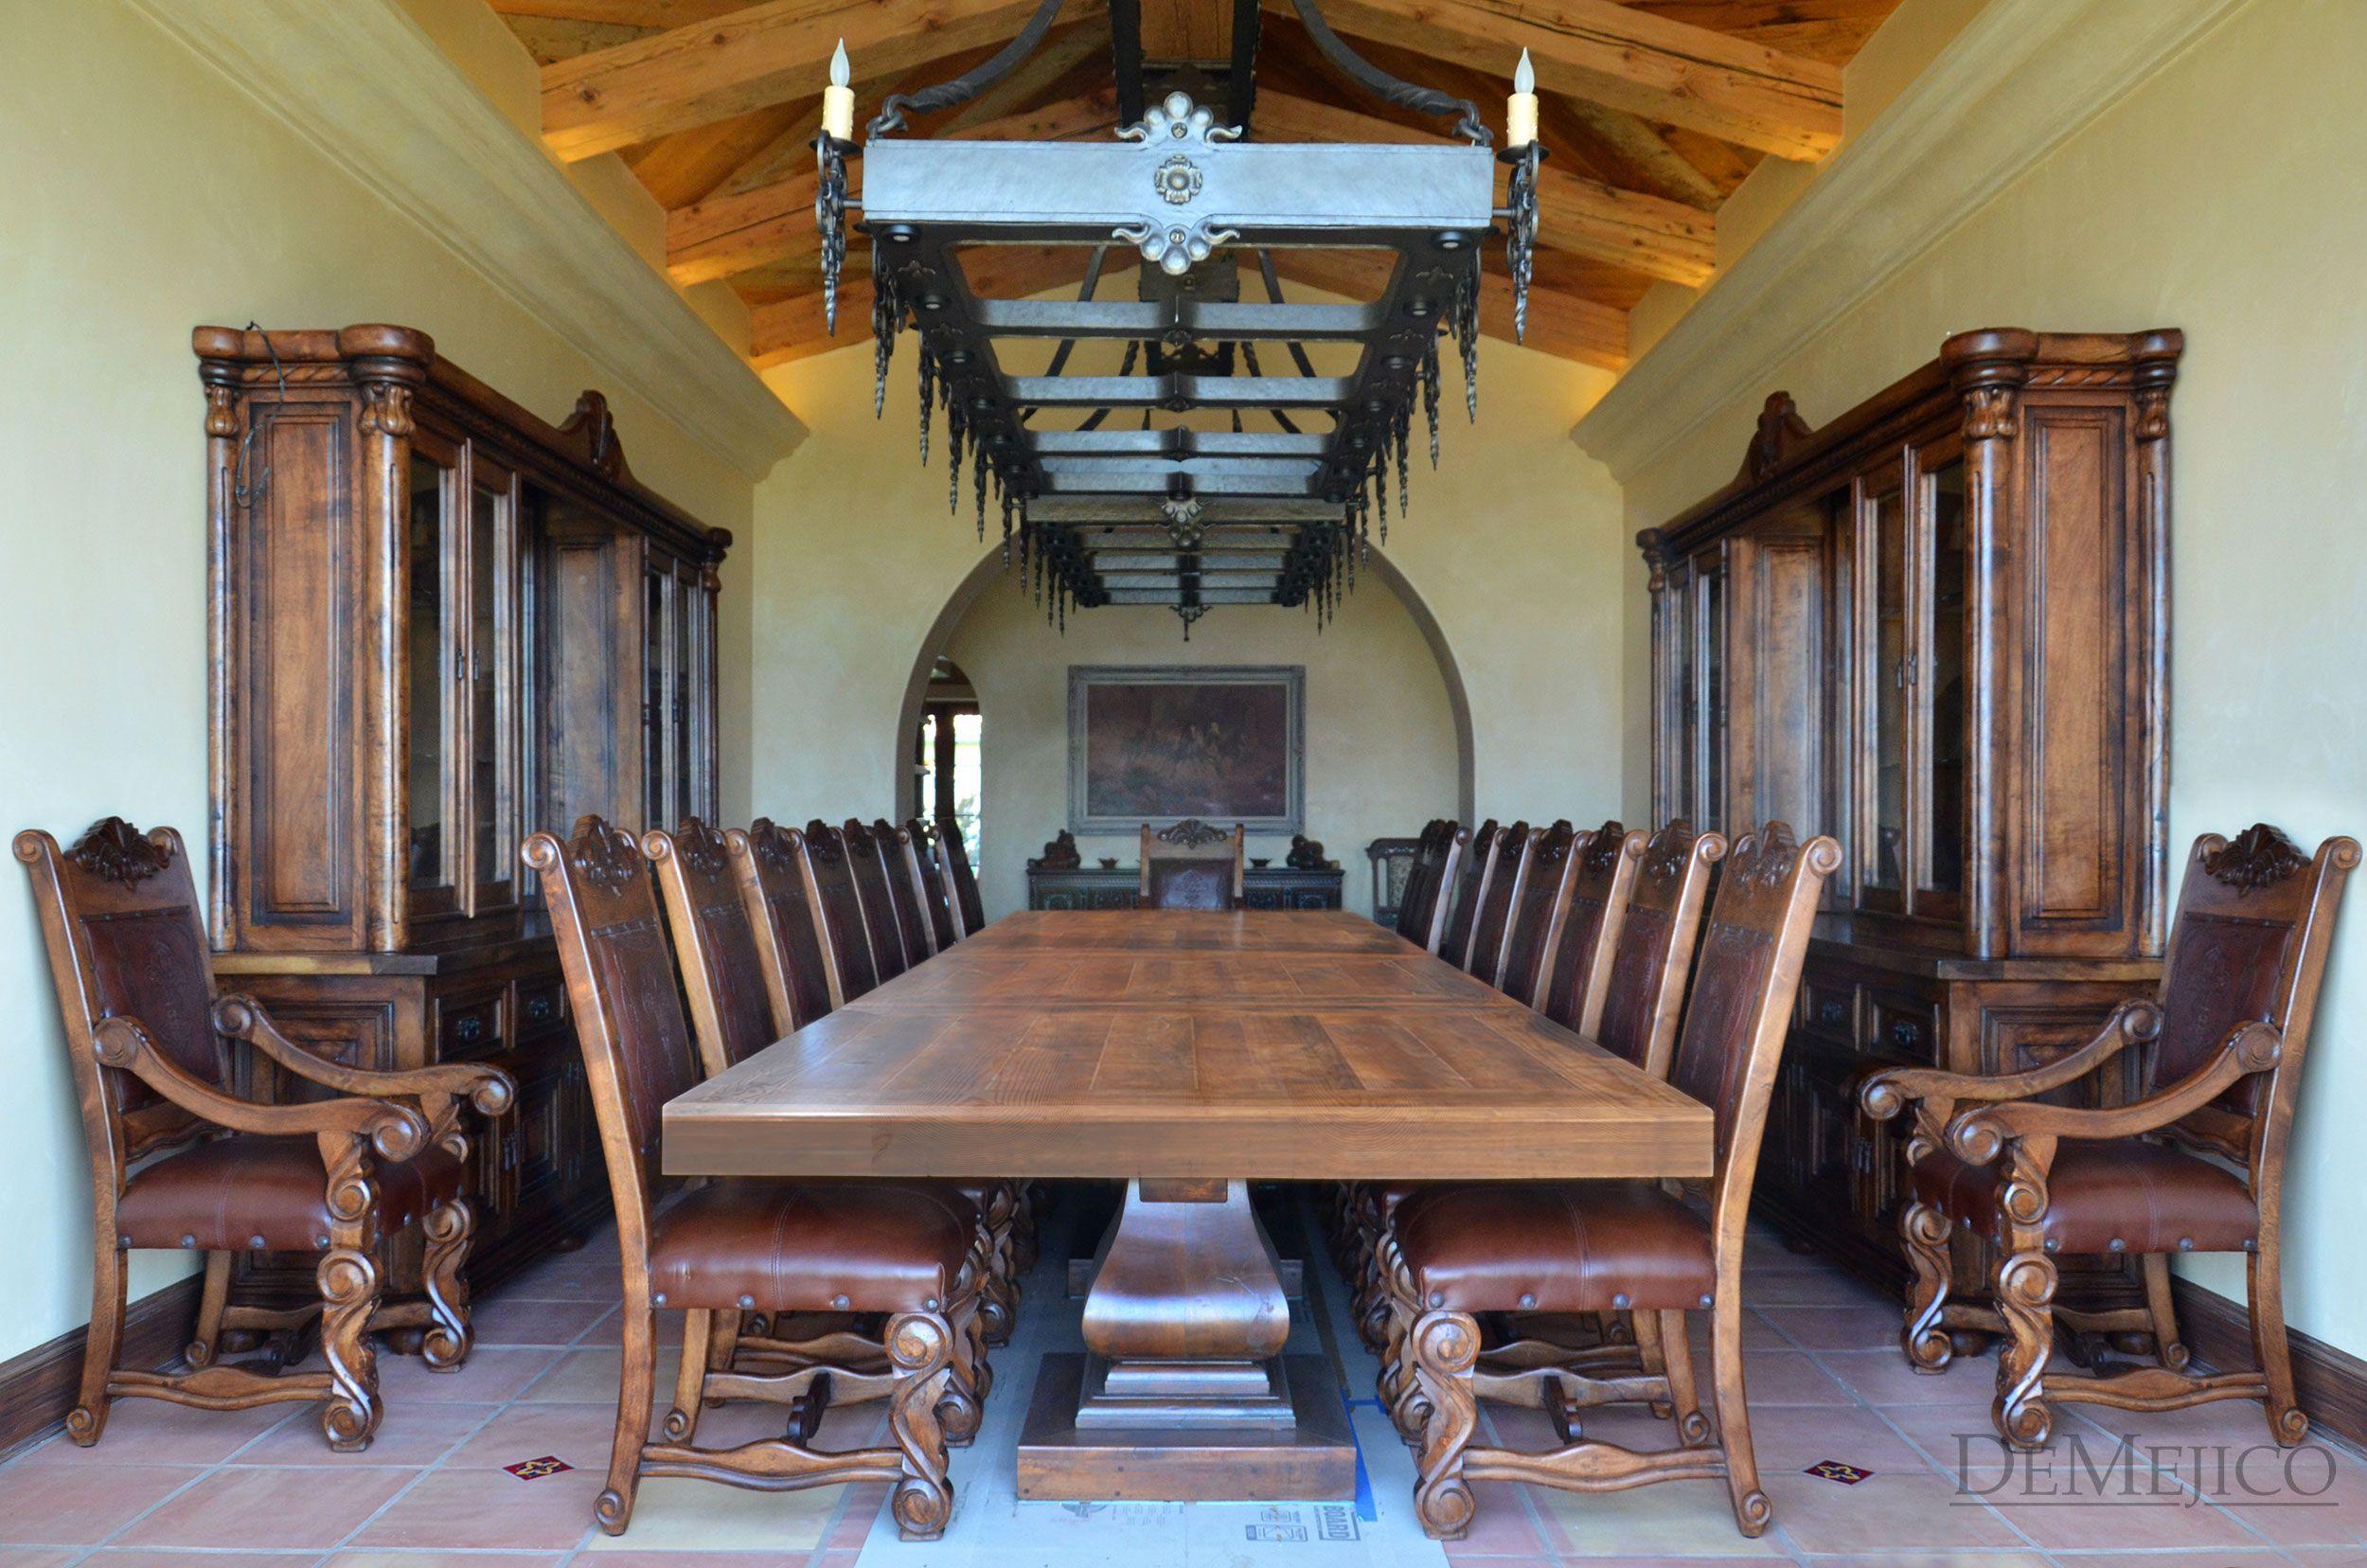 Mediterranean style vacation home style homeinterior